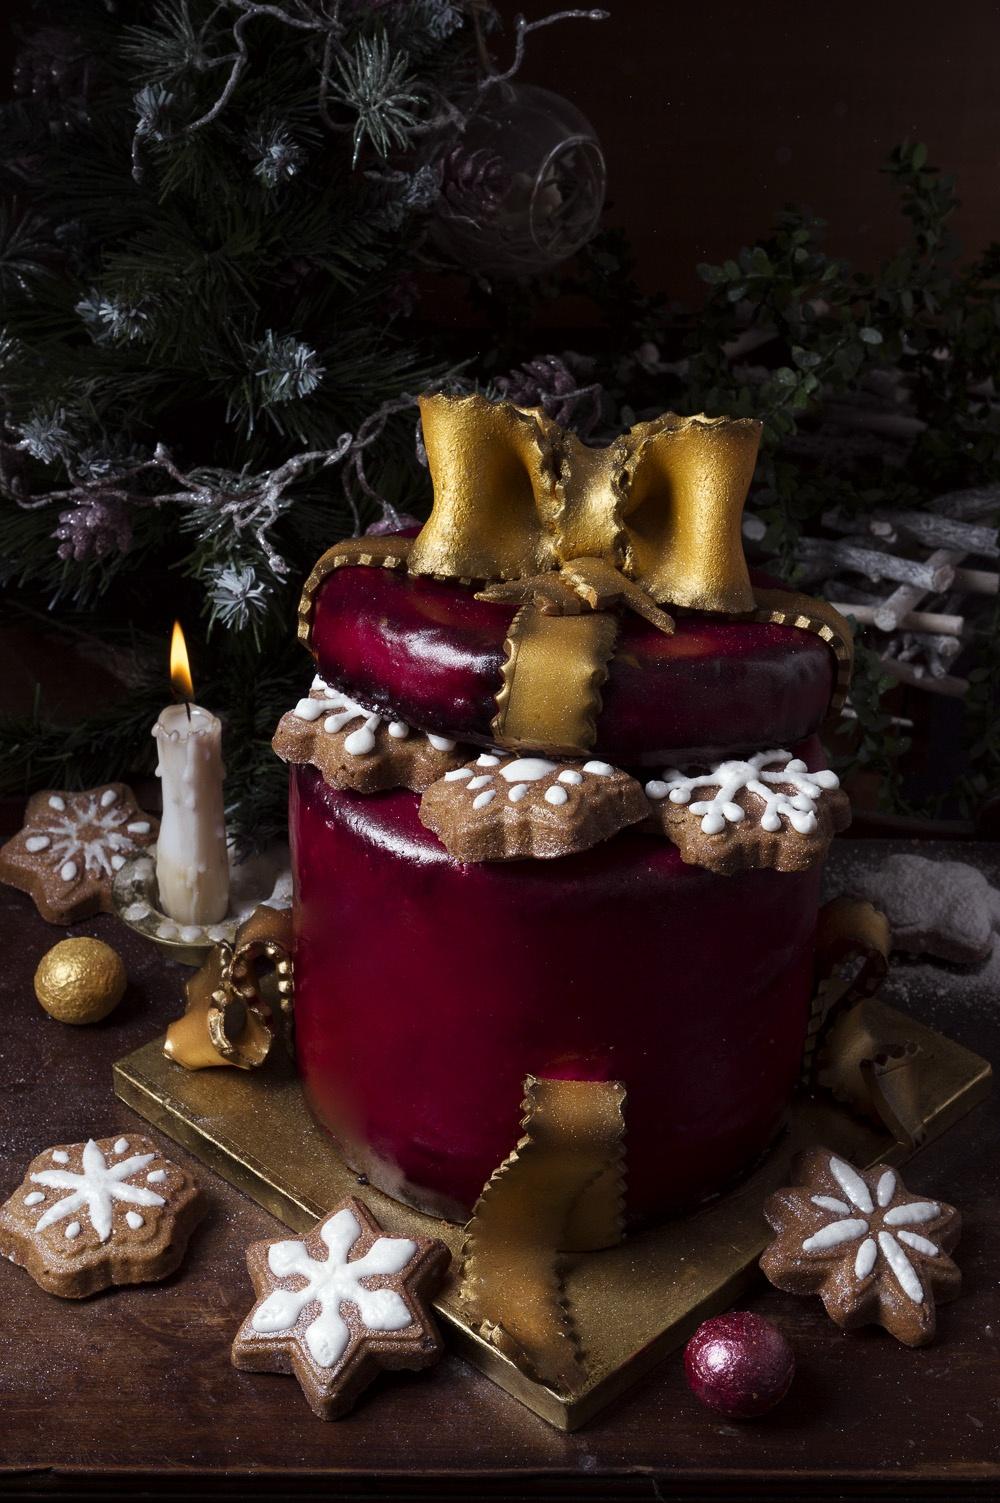 pinata-cake-le-gateau-cadeau-qui-a-vole-les-tartes-pour-feerie-cake-studio-de-creation-4